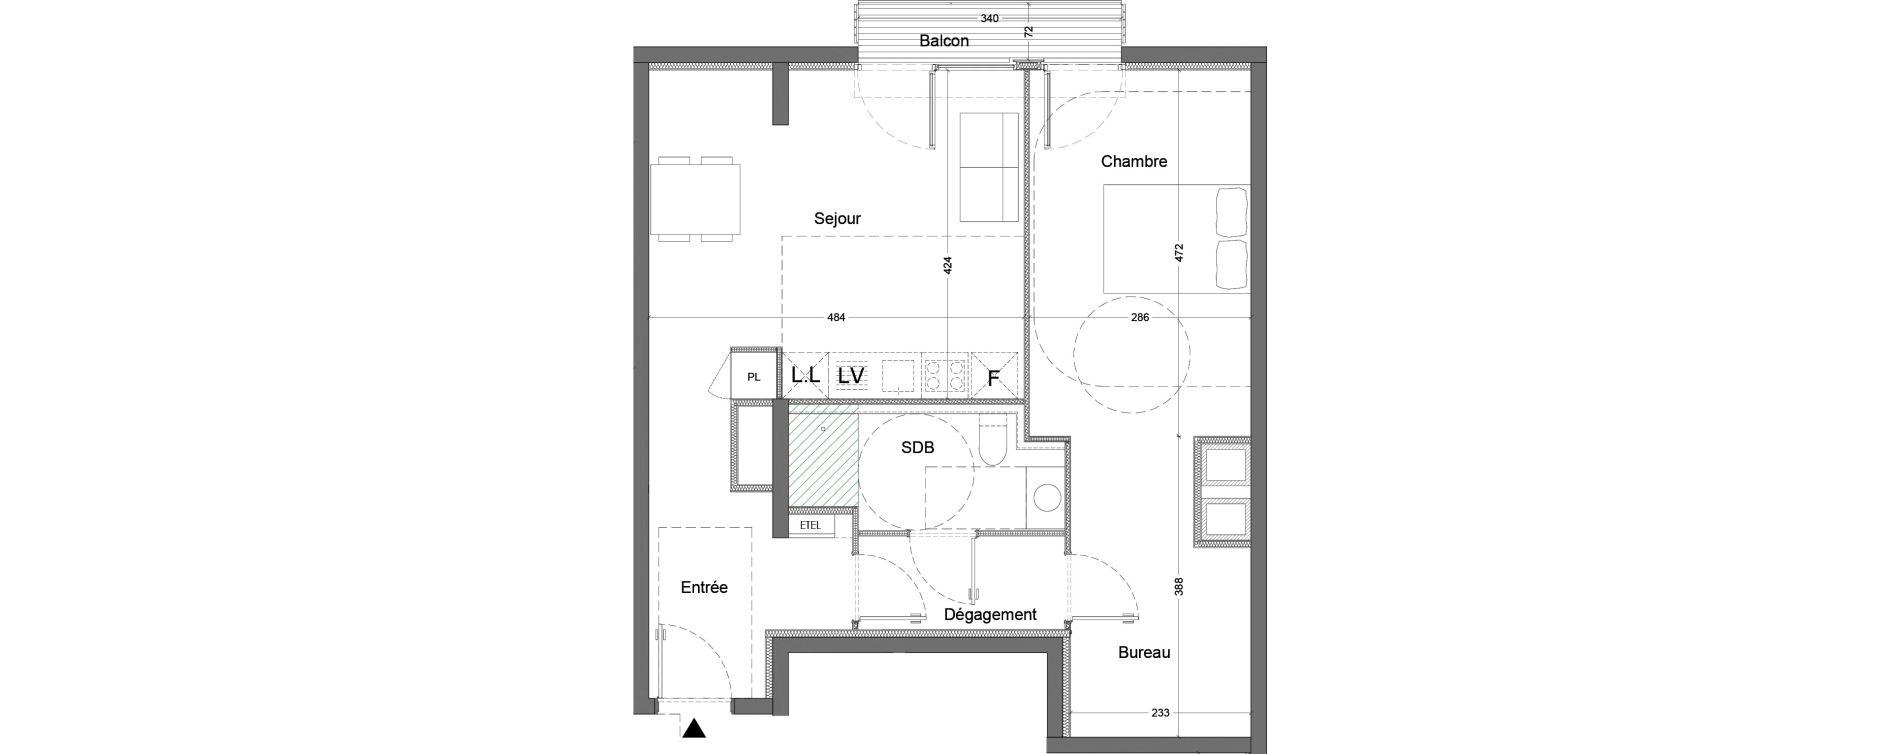 Appartement T2 de 56,96 m2 à Nice Saint augustin